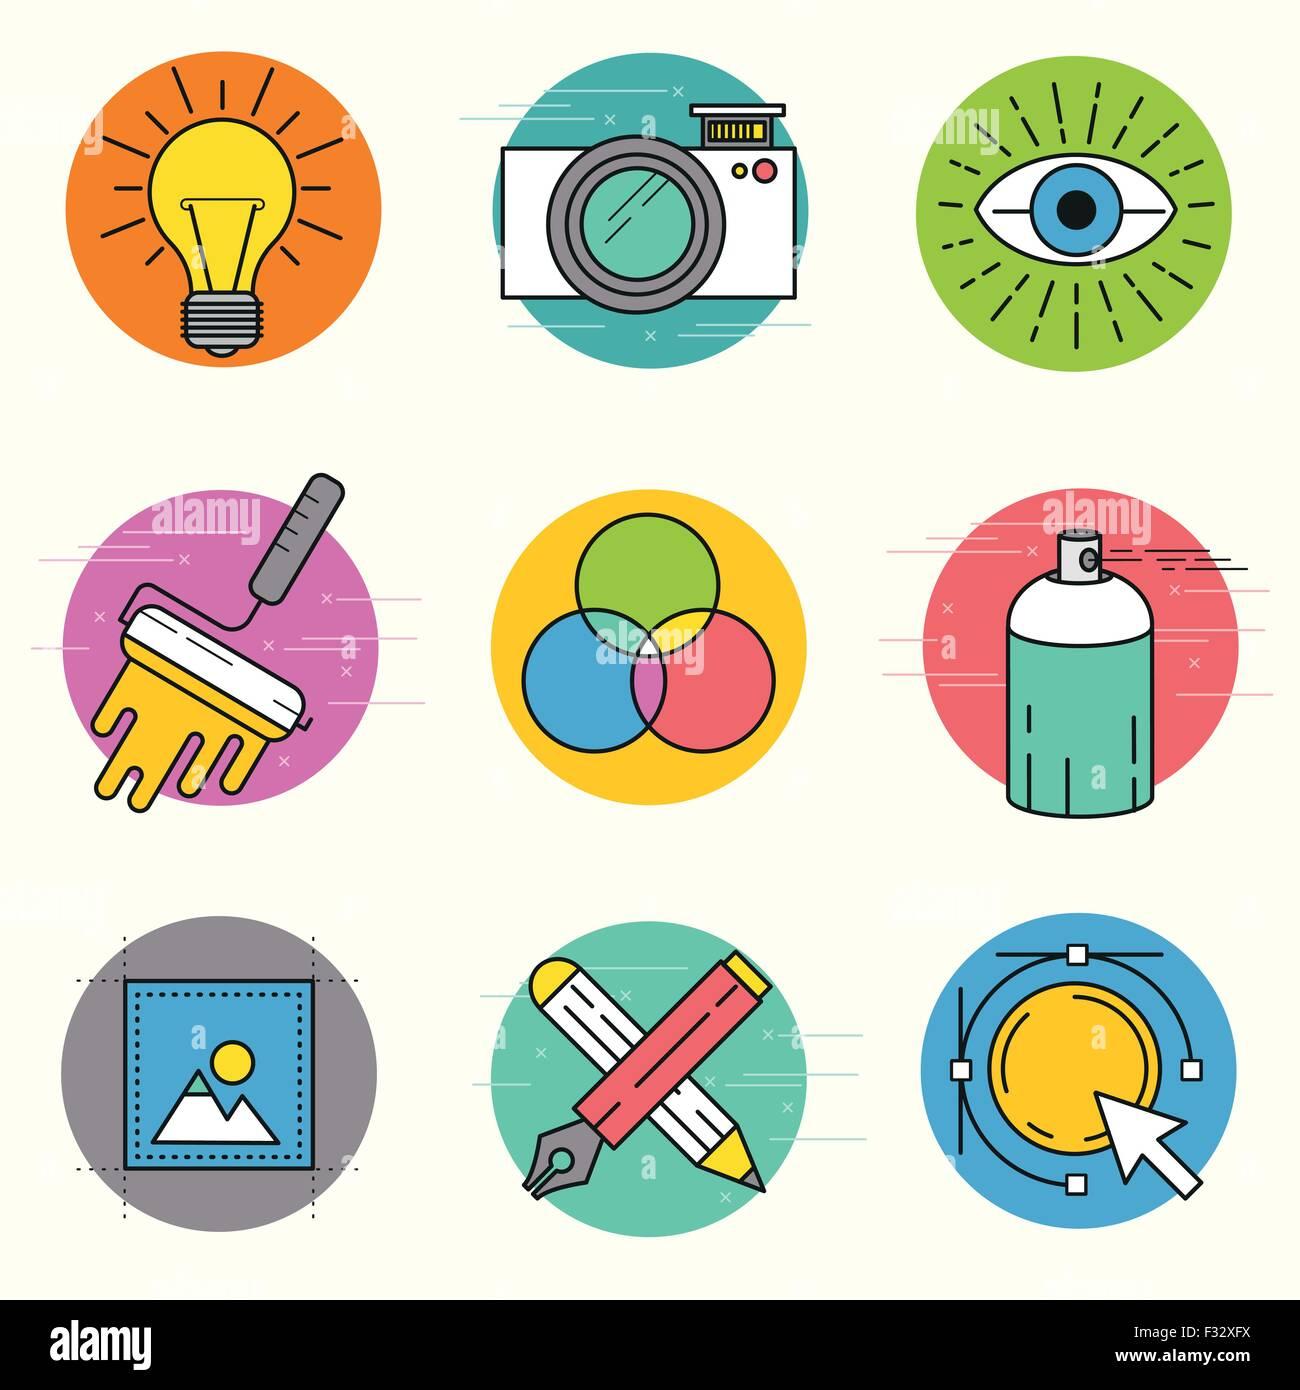 Vector creativo conjunto de iconos. Una colección de iconos de la línea temática de diseño incluyendo Imagen De Stock